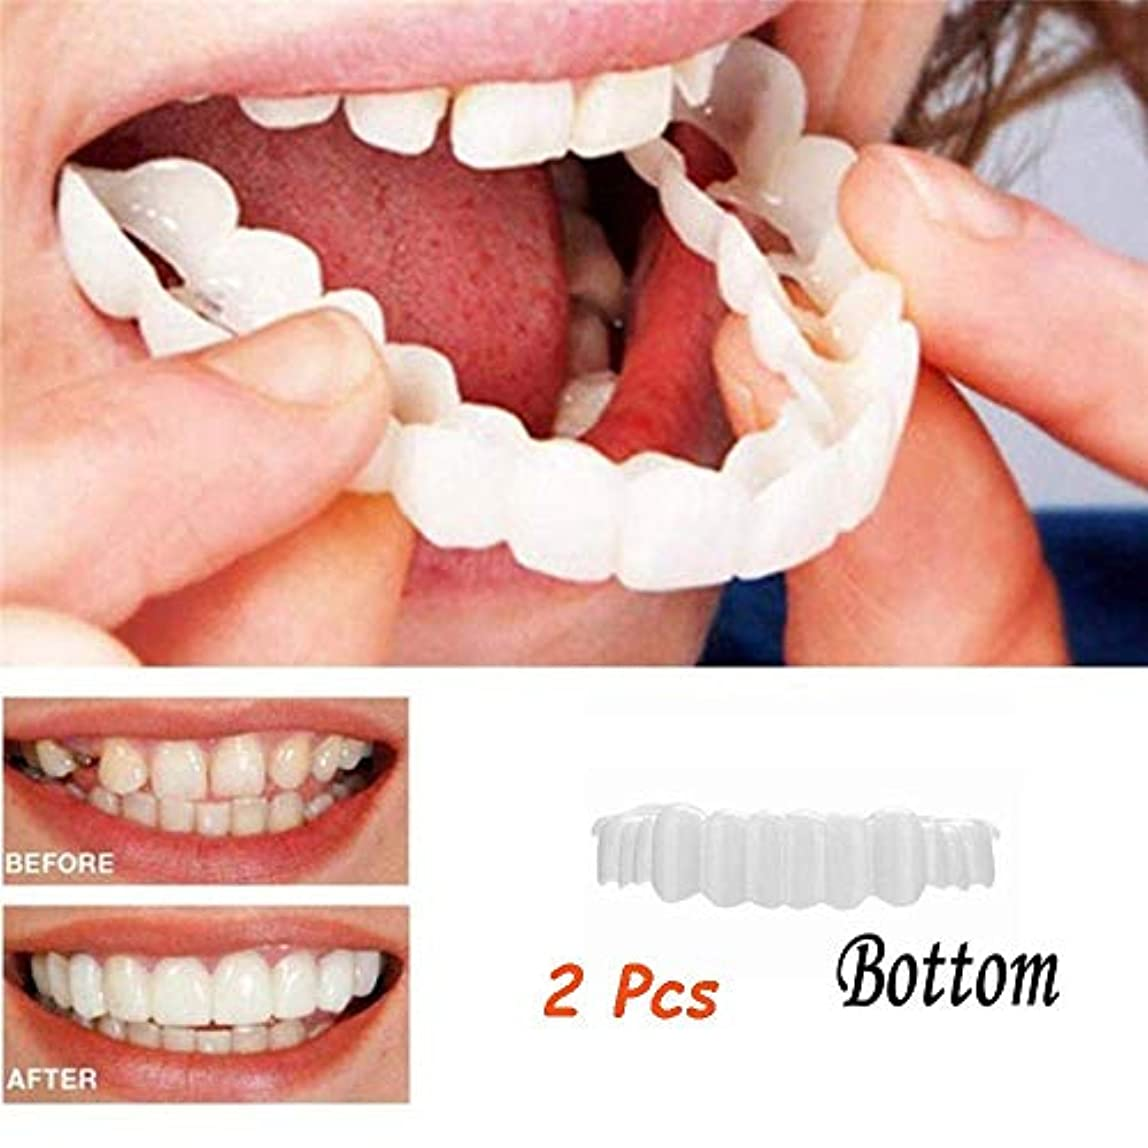 報酬持つ接続詞偽の歯の底、自信を持って笑顔の快適なフィットフレックスホワイト歯義歯仮歯化粧品突き板(2本の歯の底)